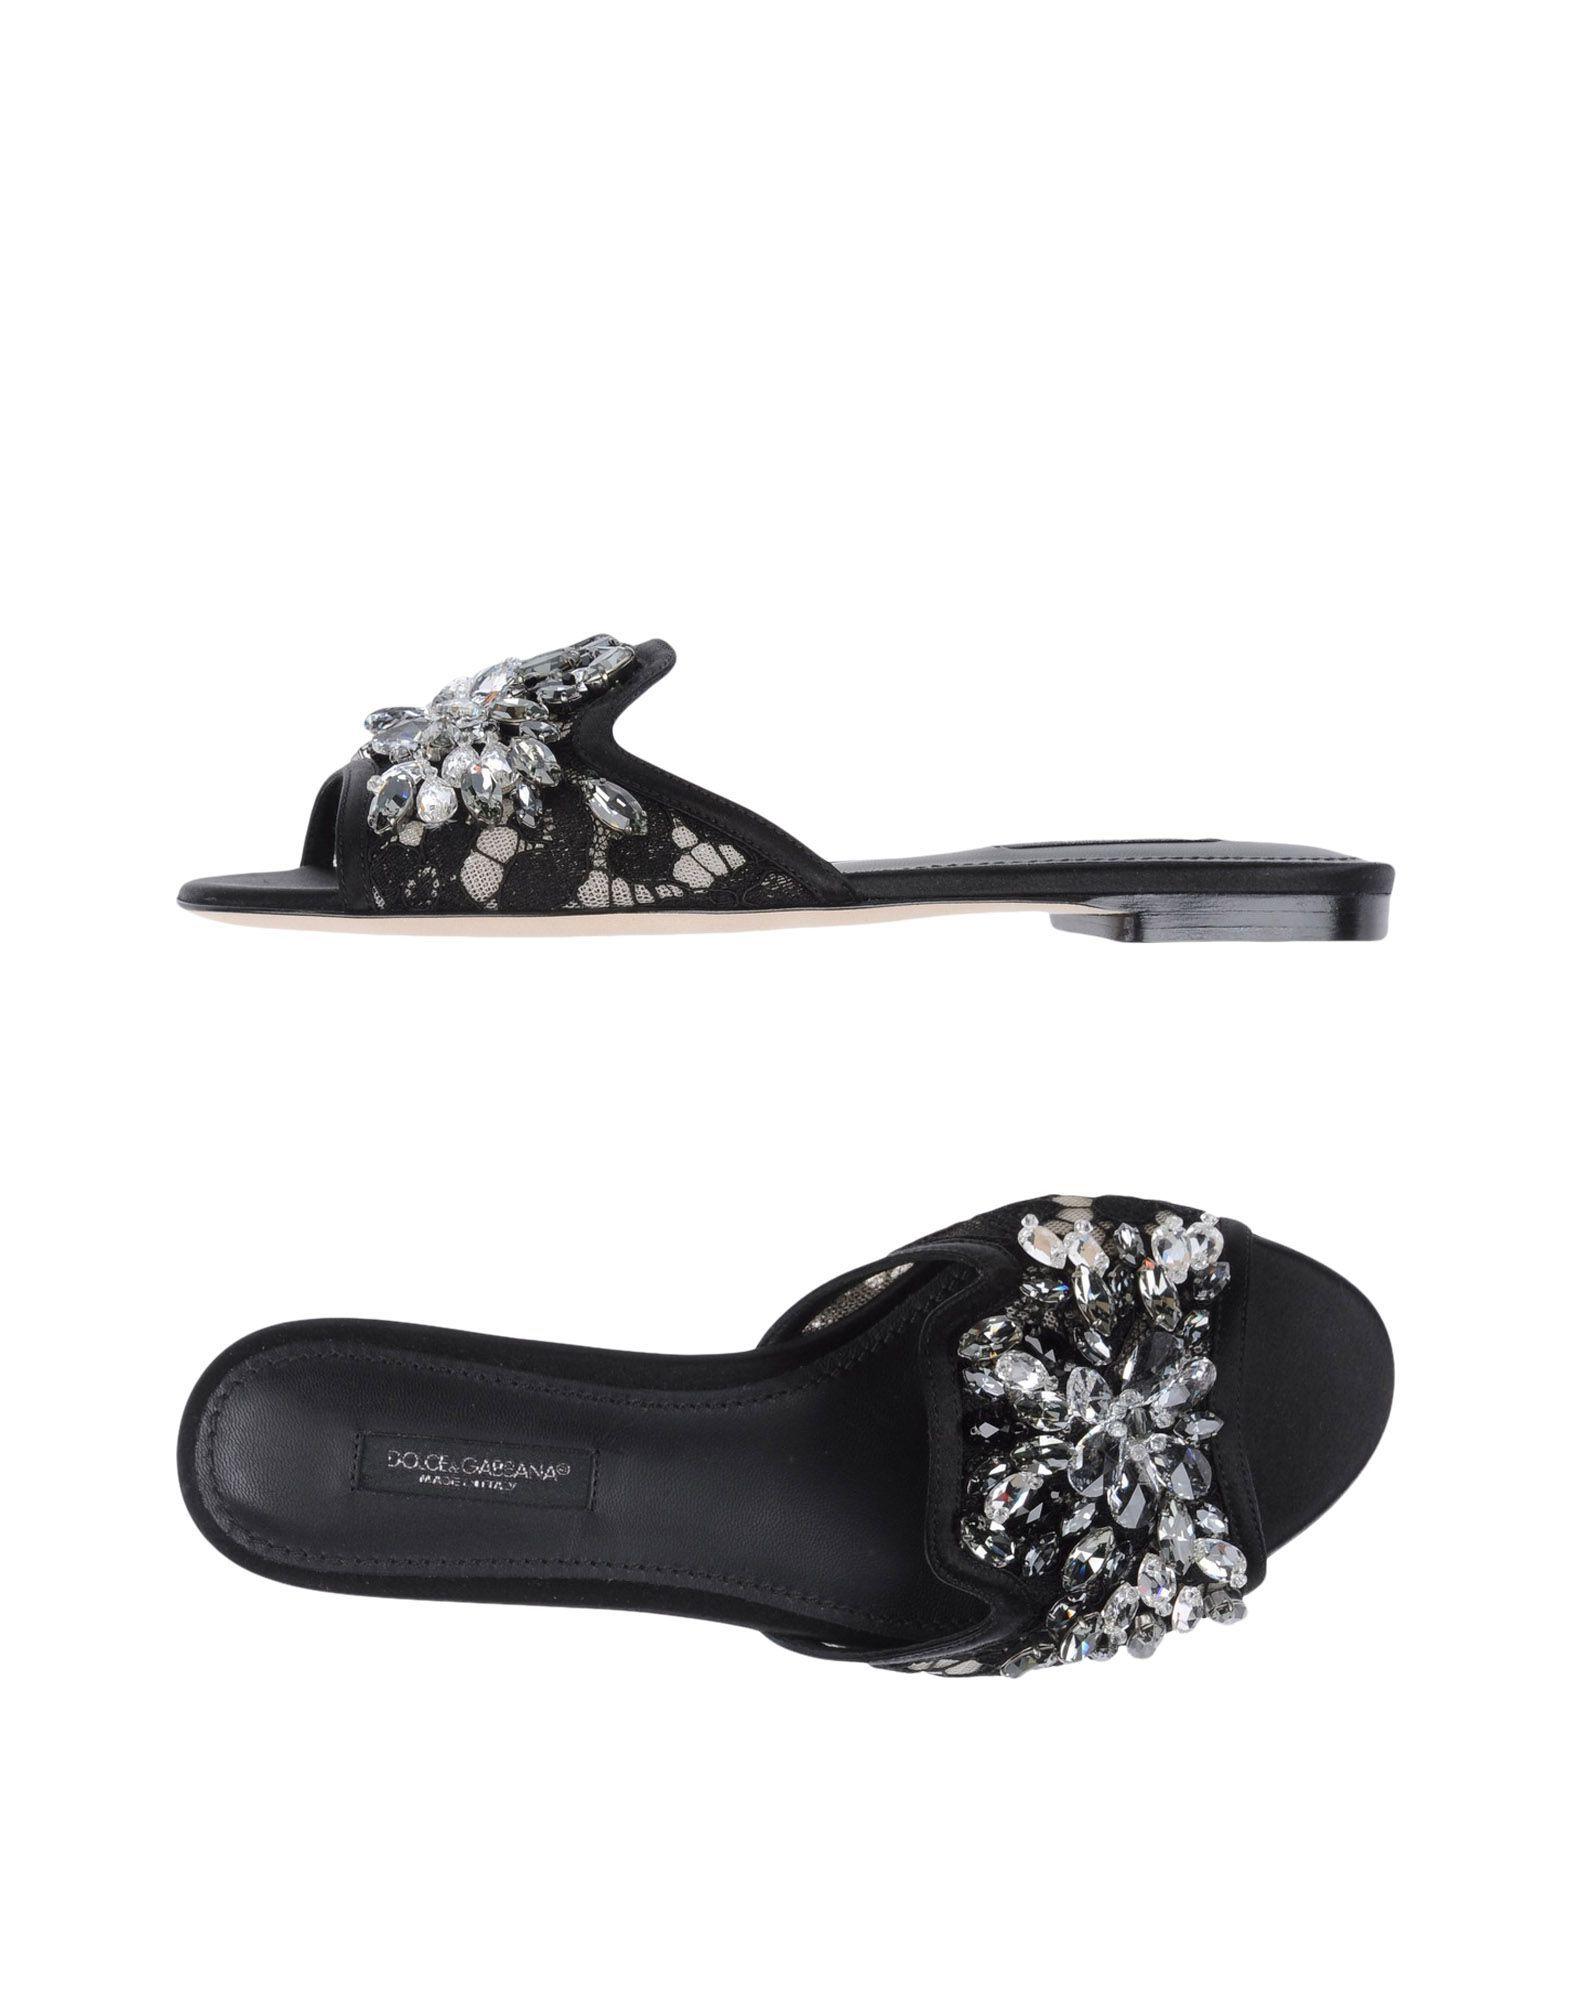 Dolce & Gabbana Sandalen Damen - Sandalen Dolce & Gabbana auf YOOX - 11189659WV